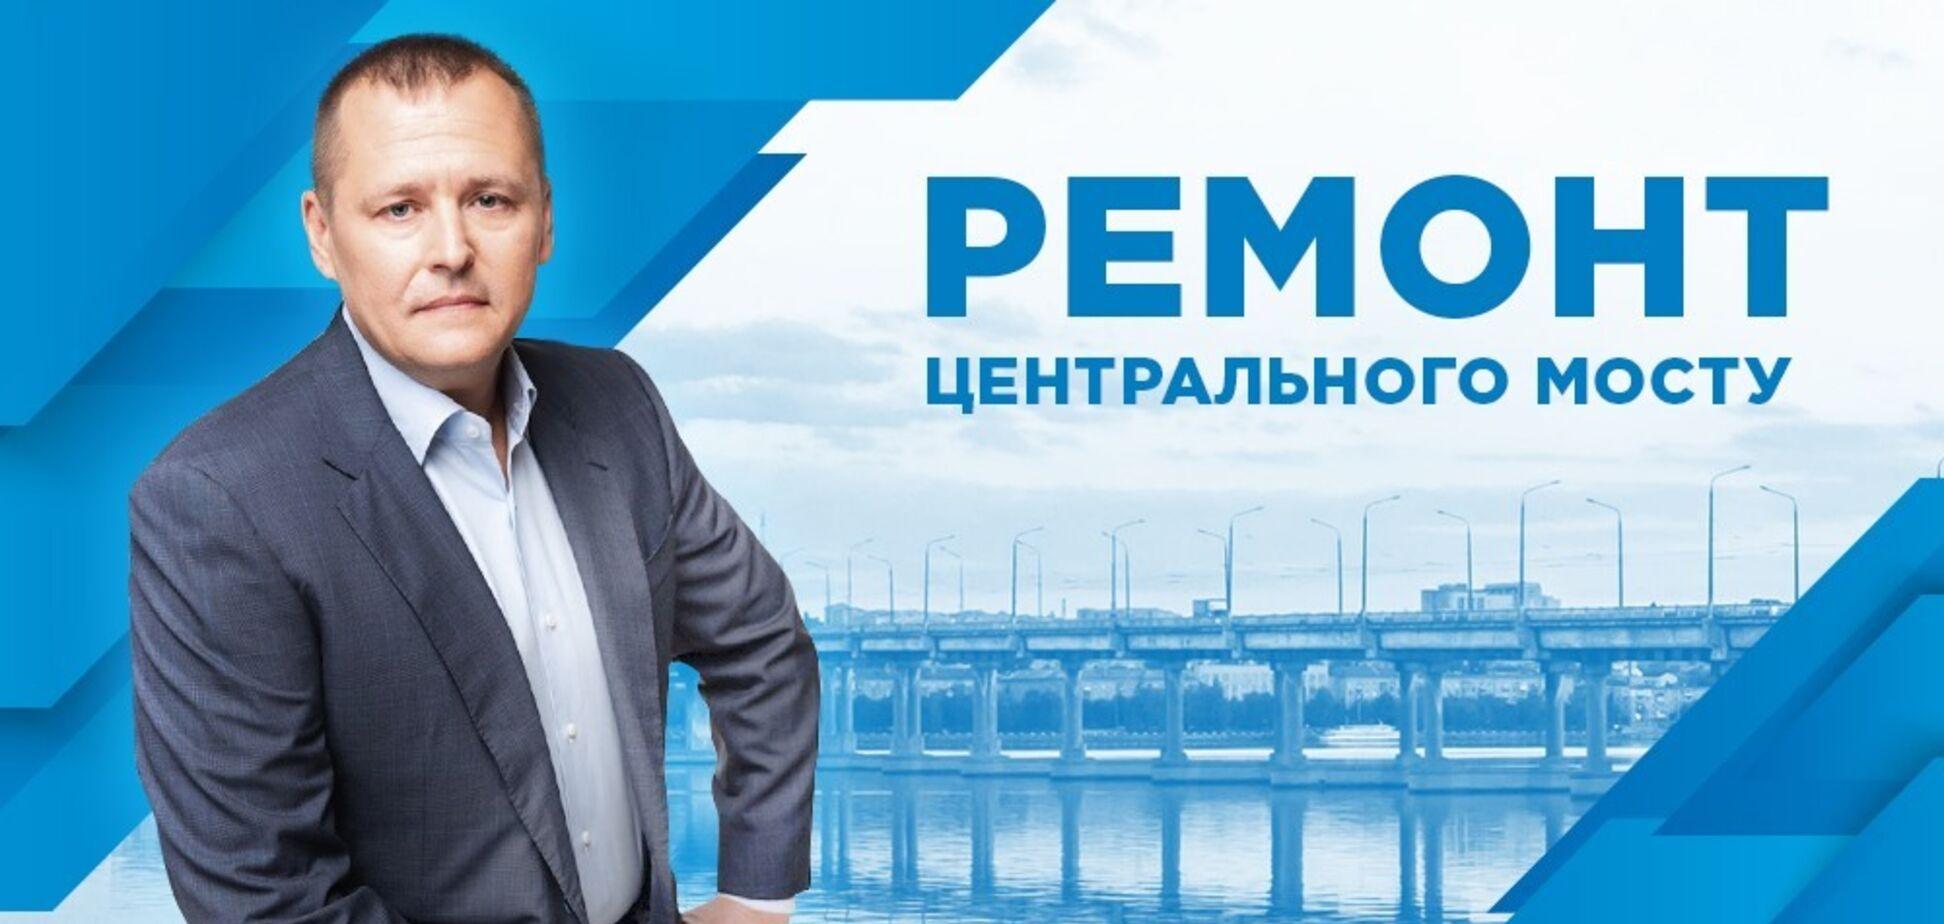 Филатов поделился технологиями ремонта Центрального моста в Днепре